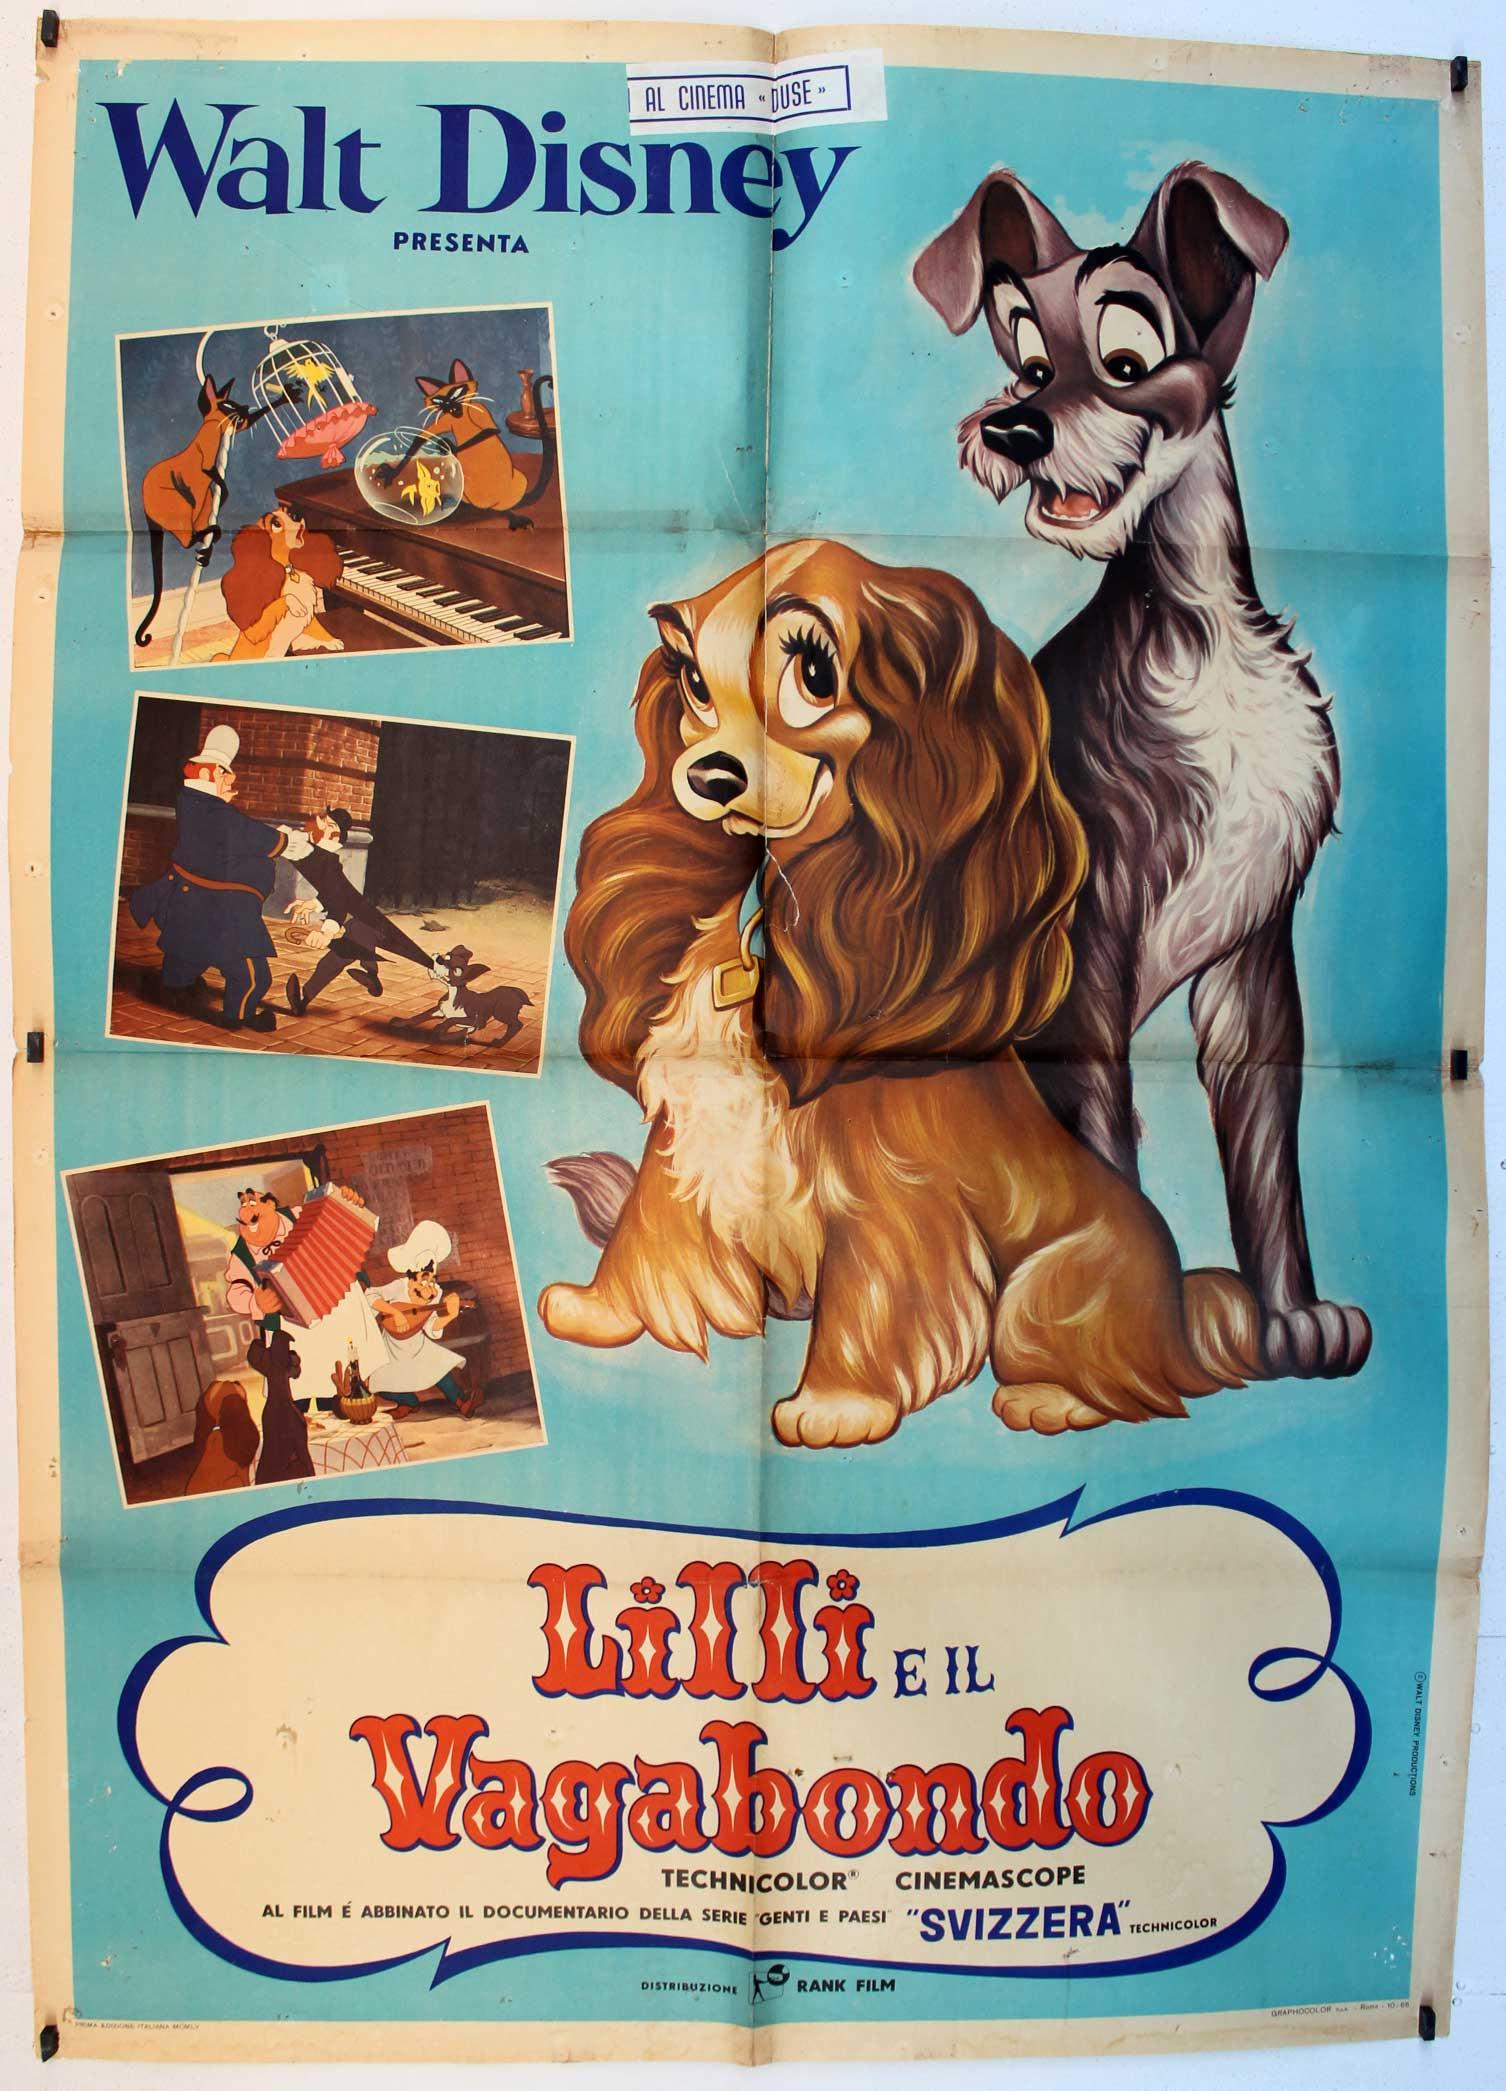 Lilli E Il Vagabondo Movie Poster Lady And The Tramp Movie Poster